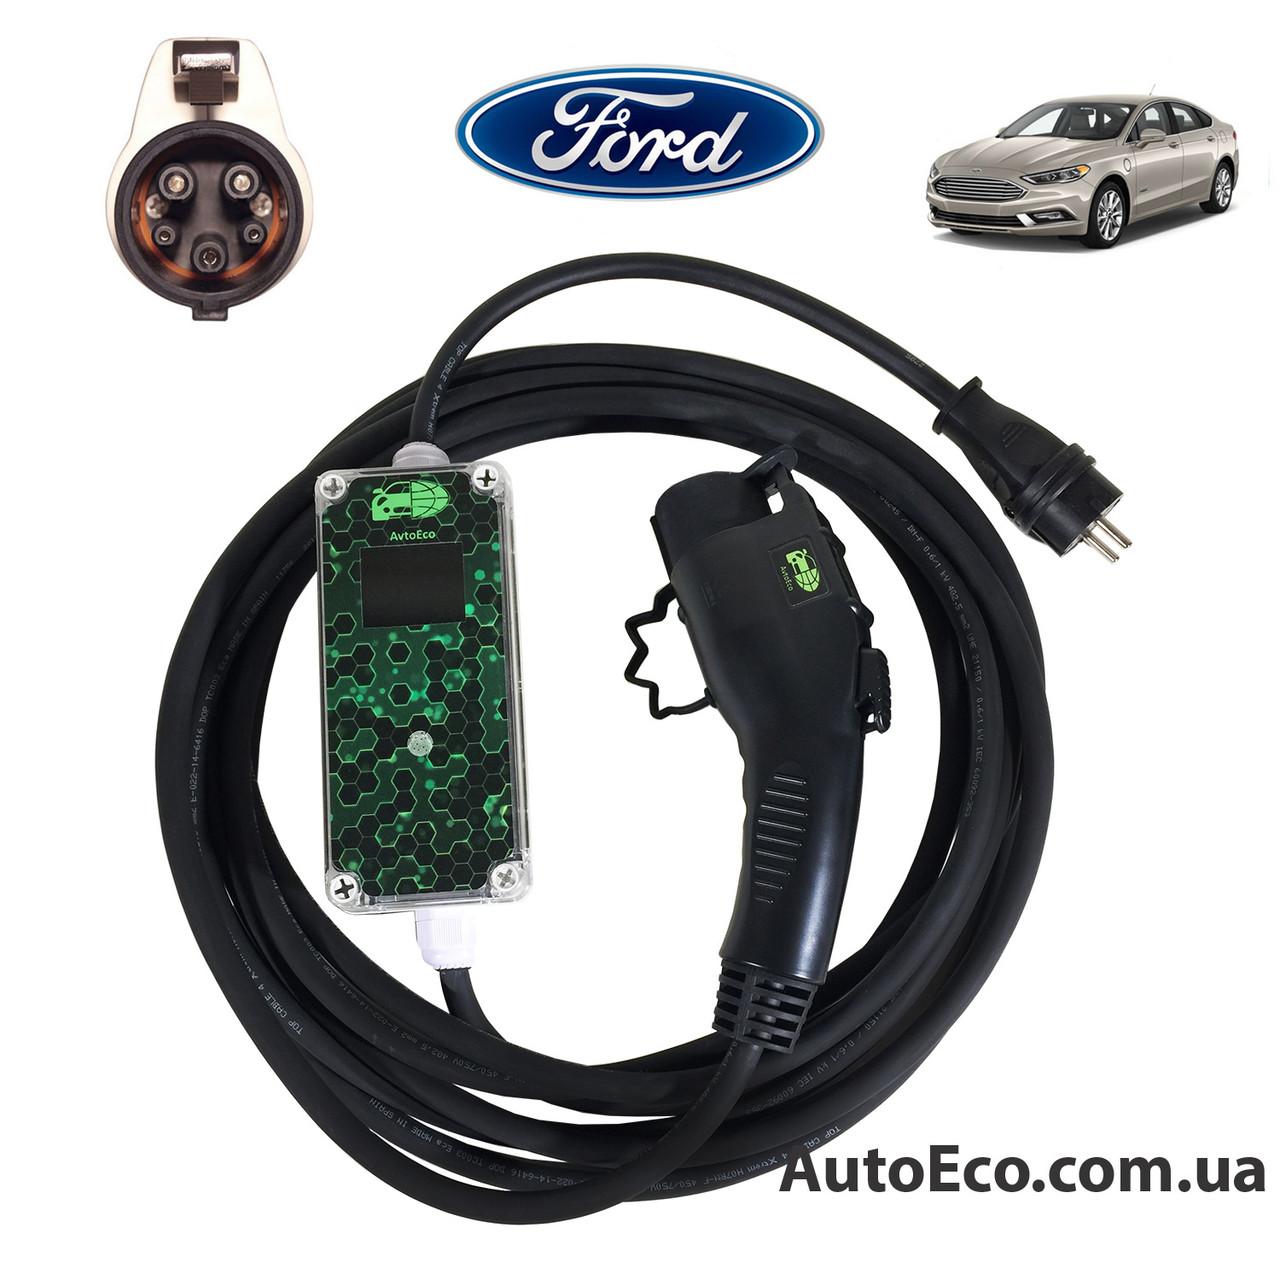 Зарядное устройство для электромобиля Ford Fusion Energi AutoEco J1772-16A-Wi-Fi, фото 1